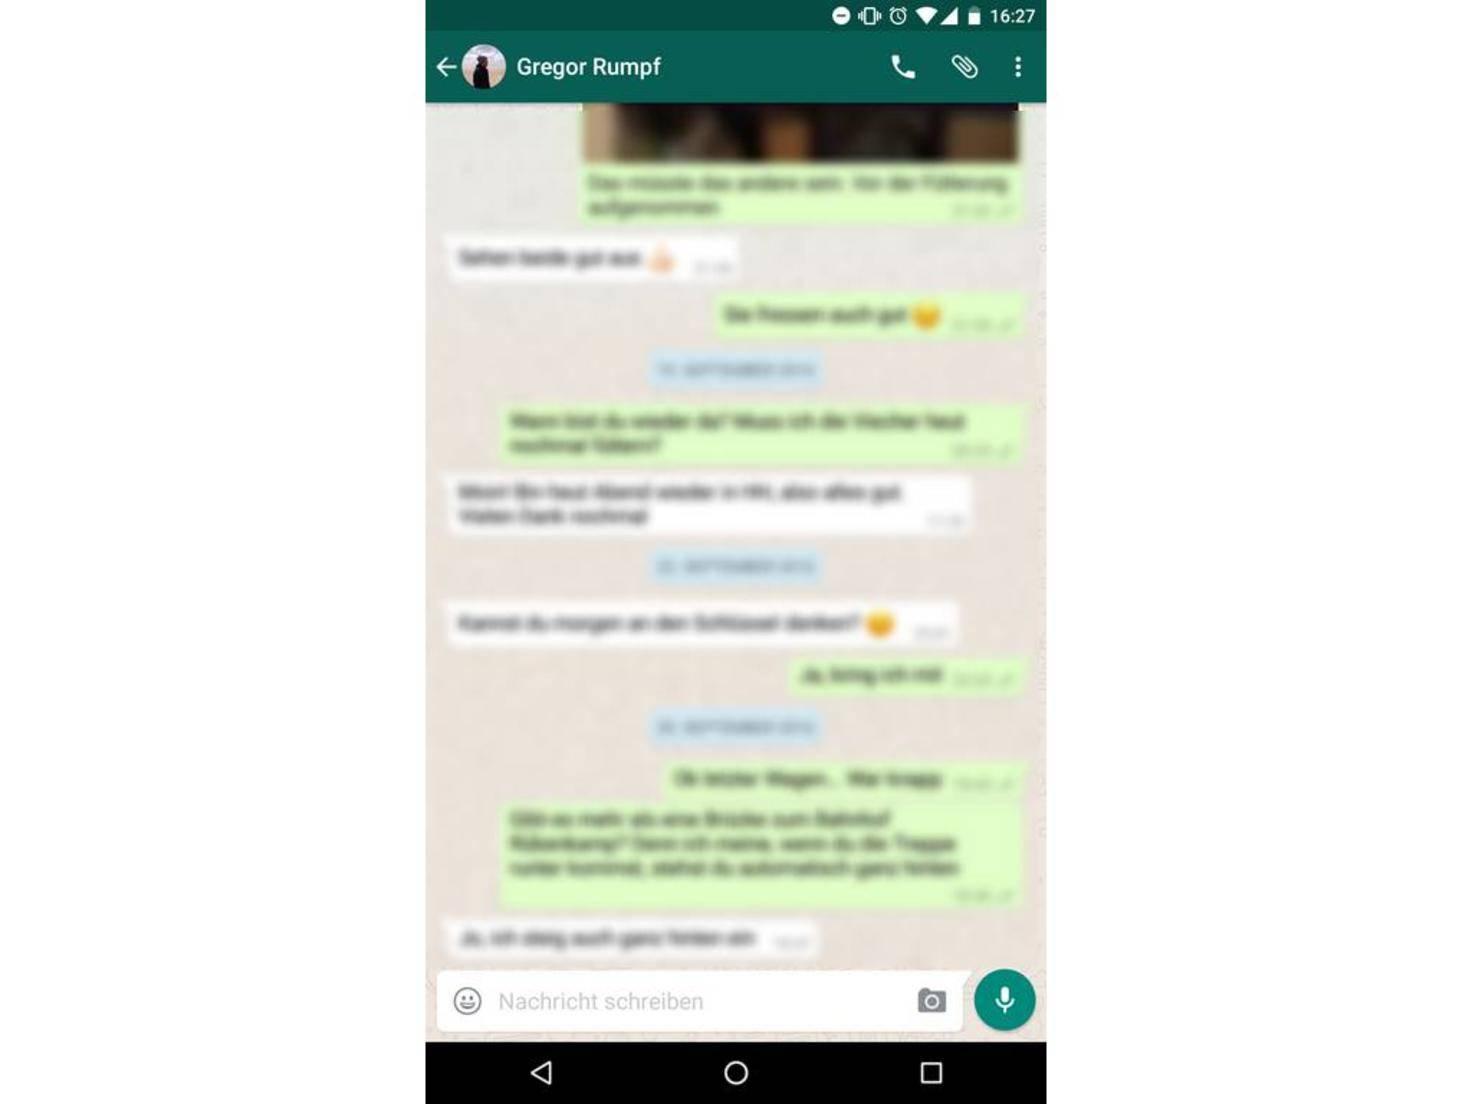 Bilder whatsapp profilbilder whatsapp Die Top